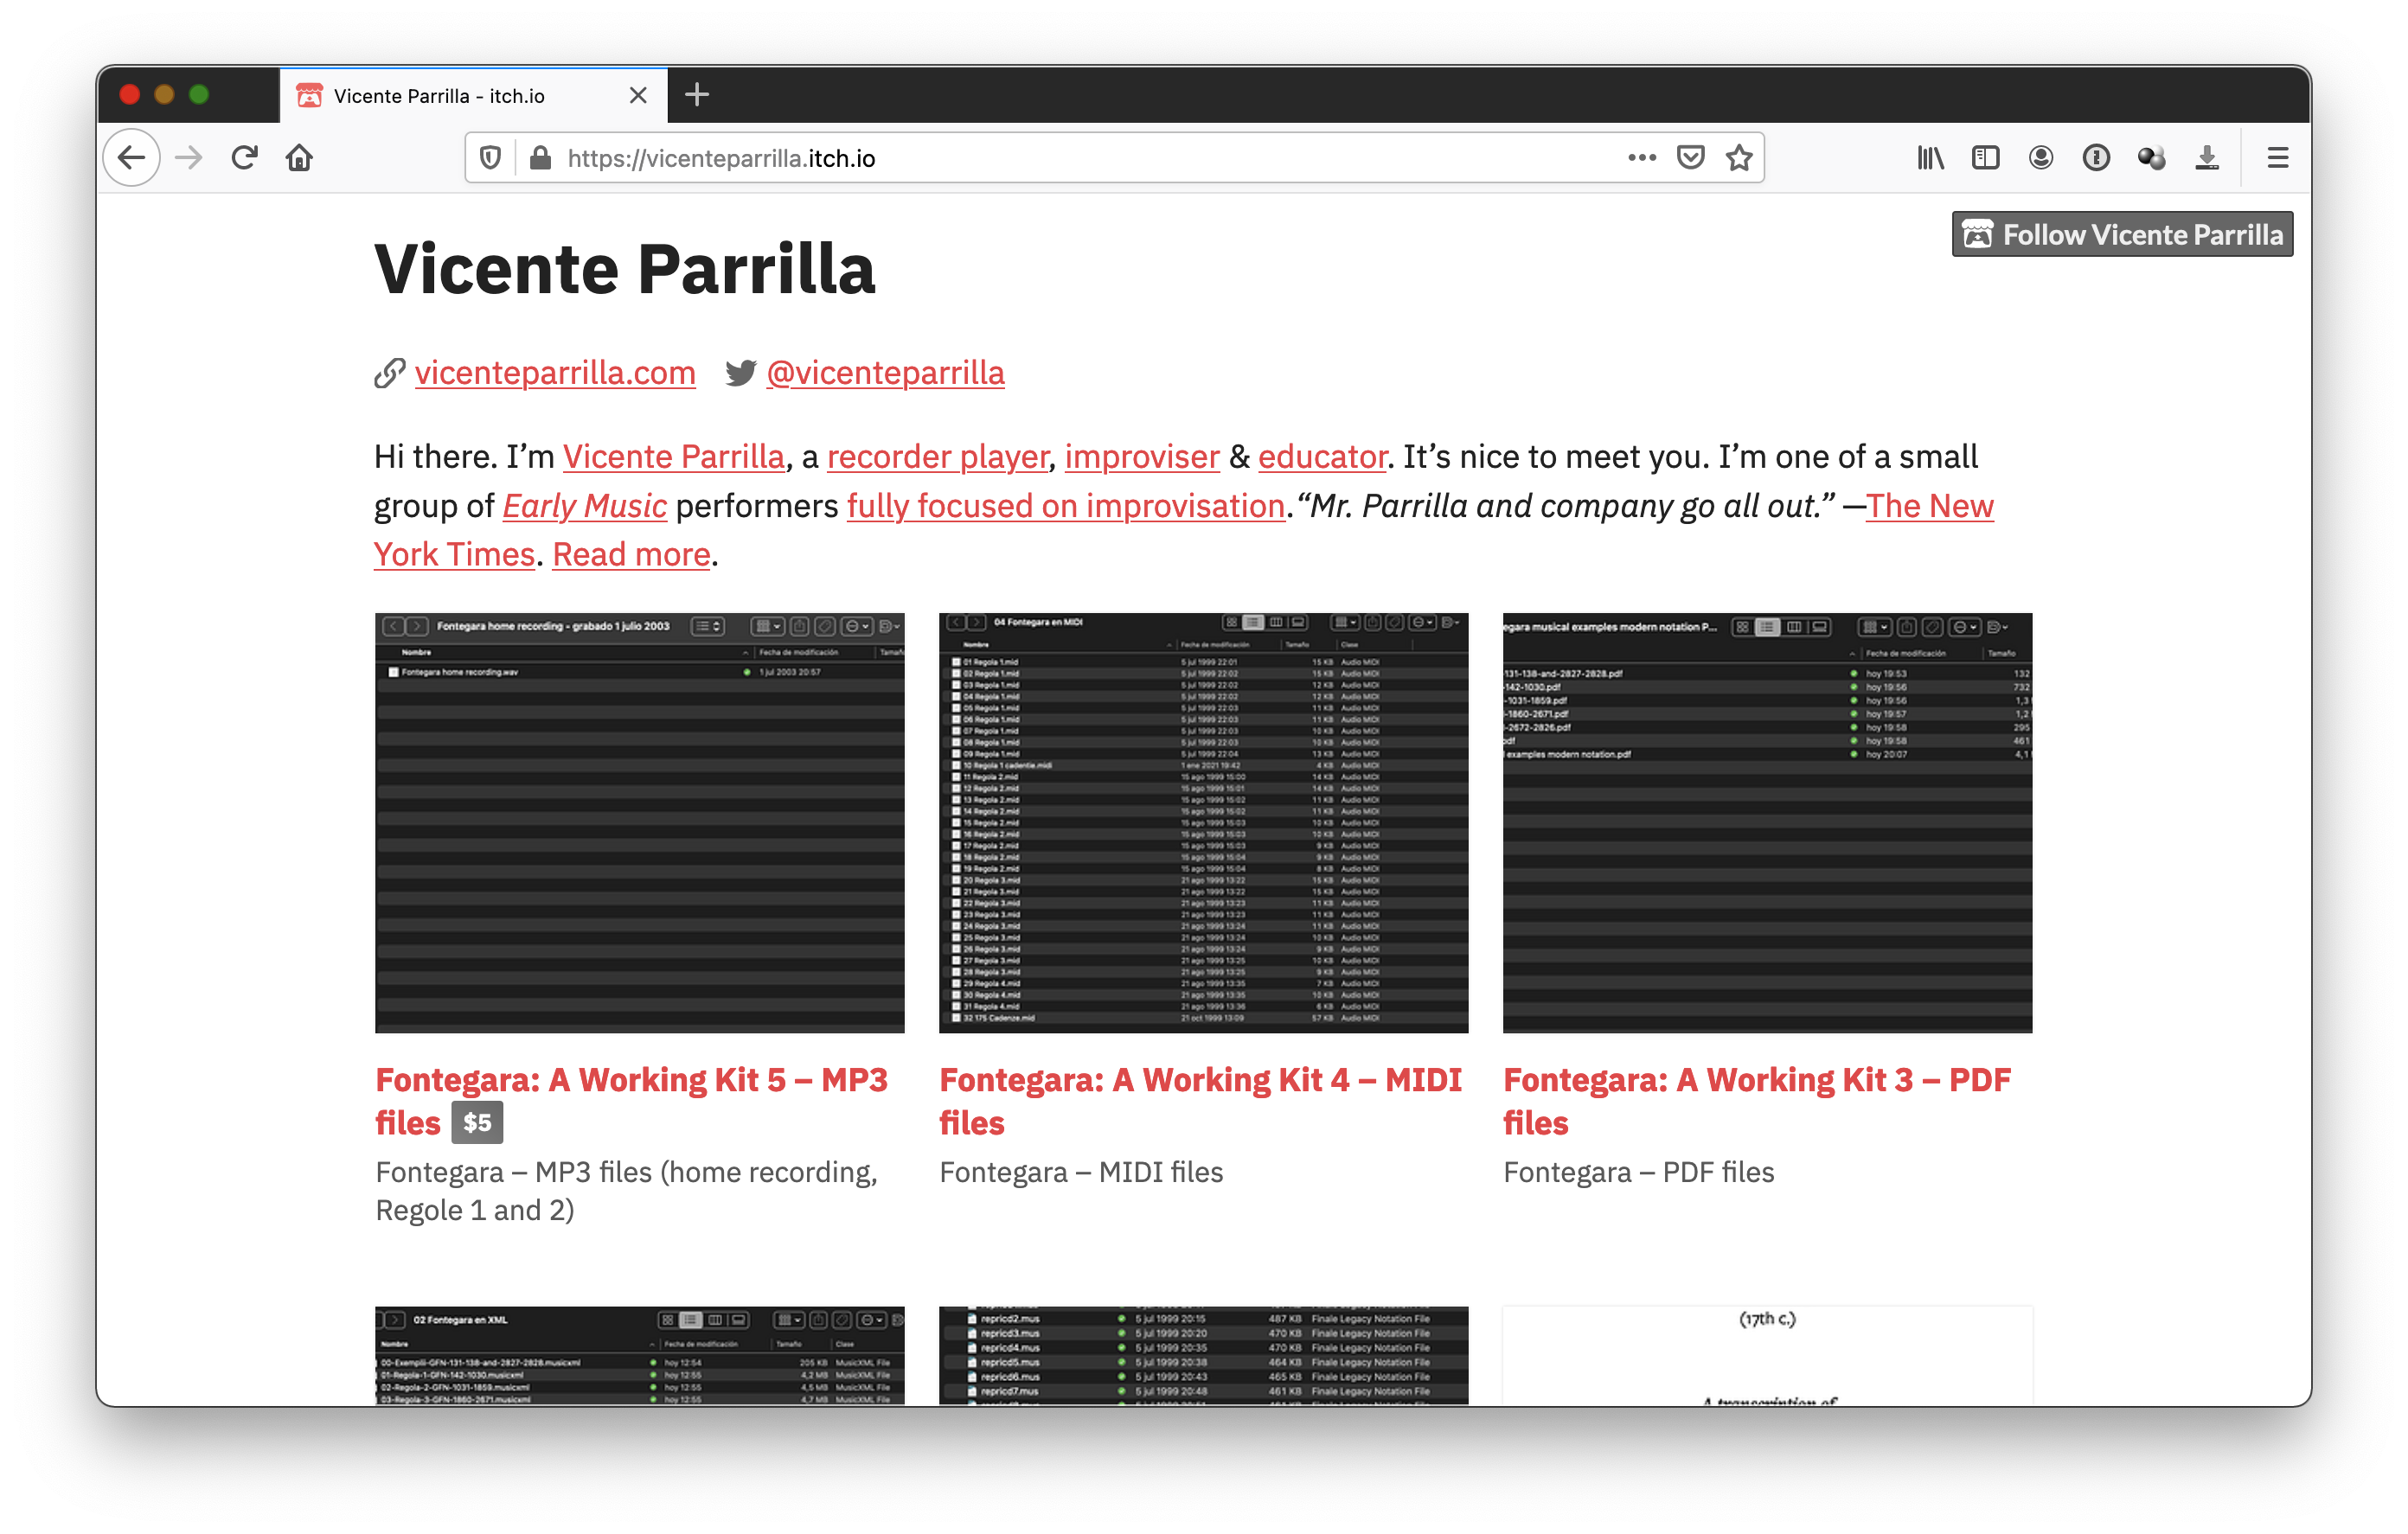 Fontegara: A Working Kit